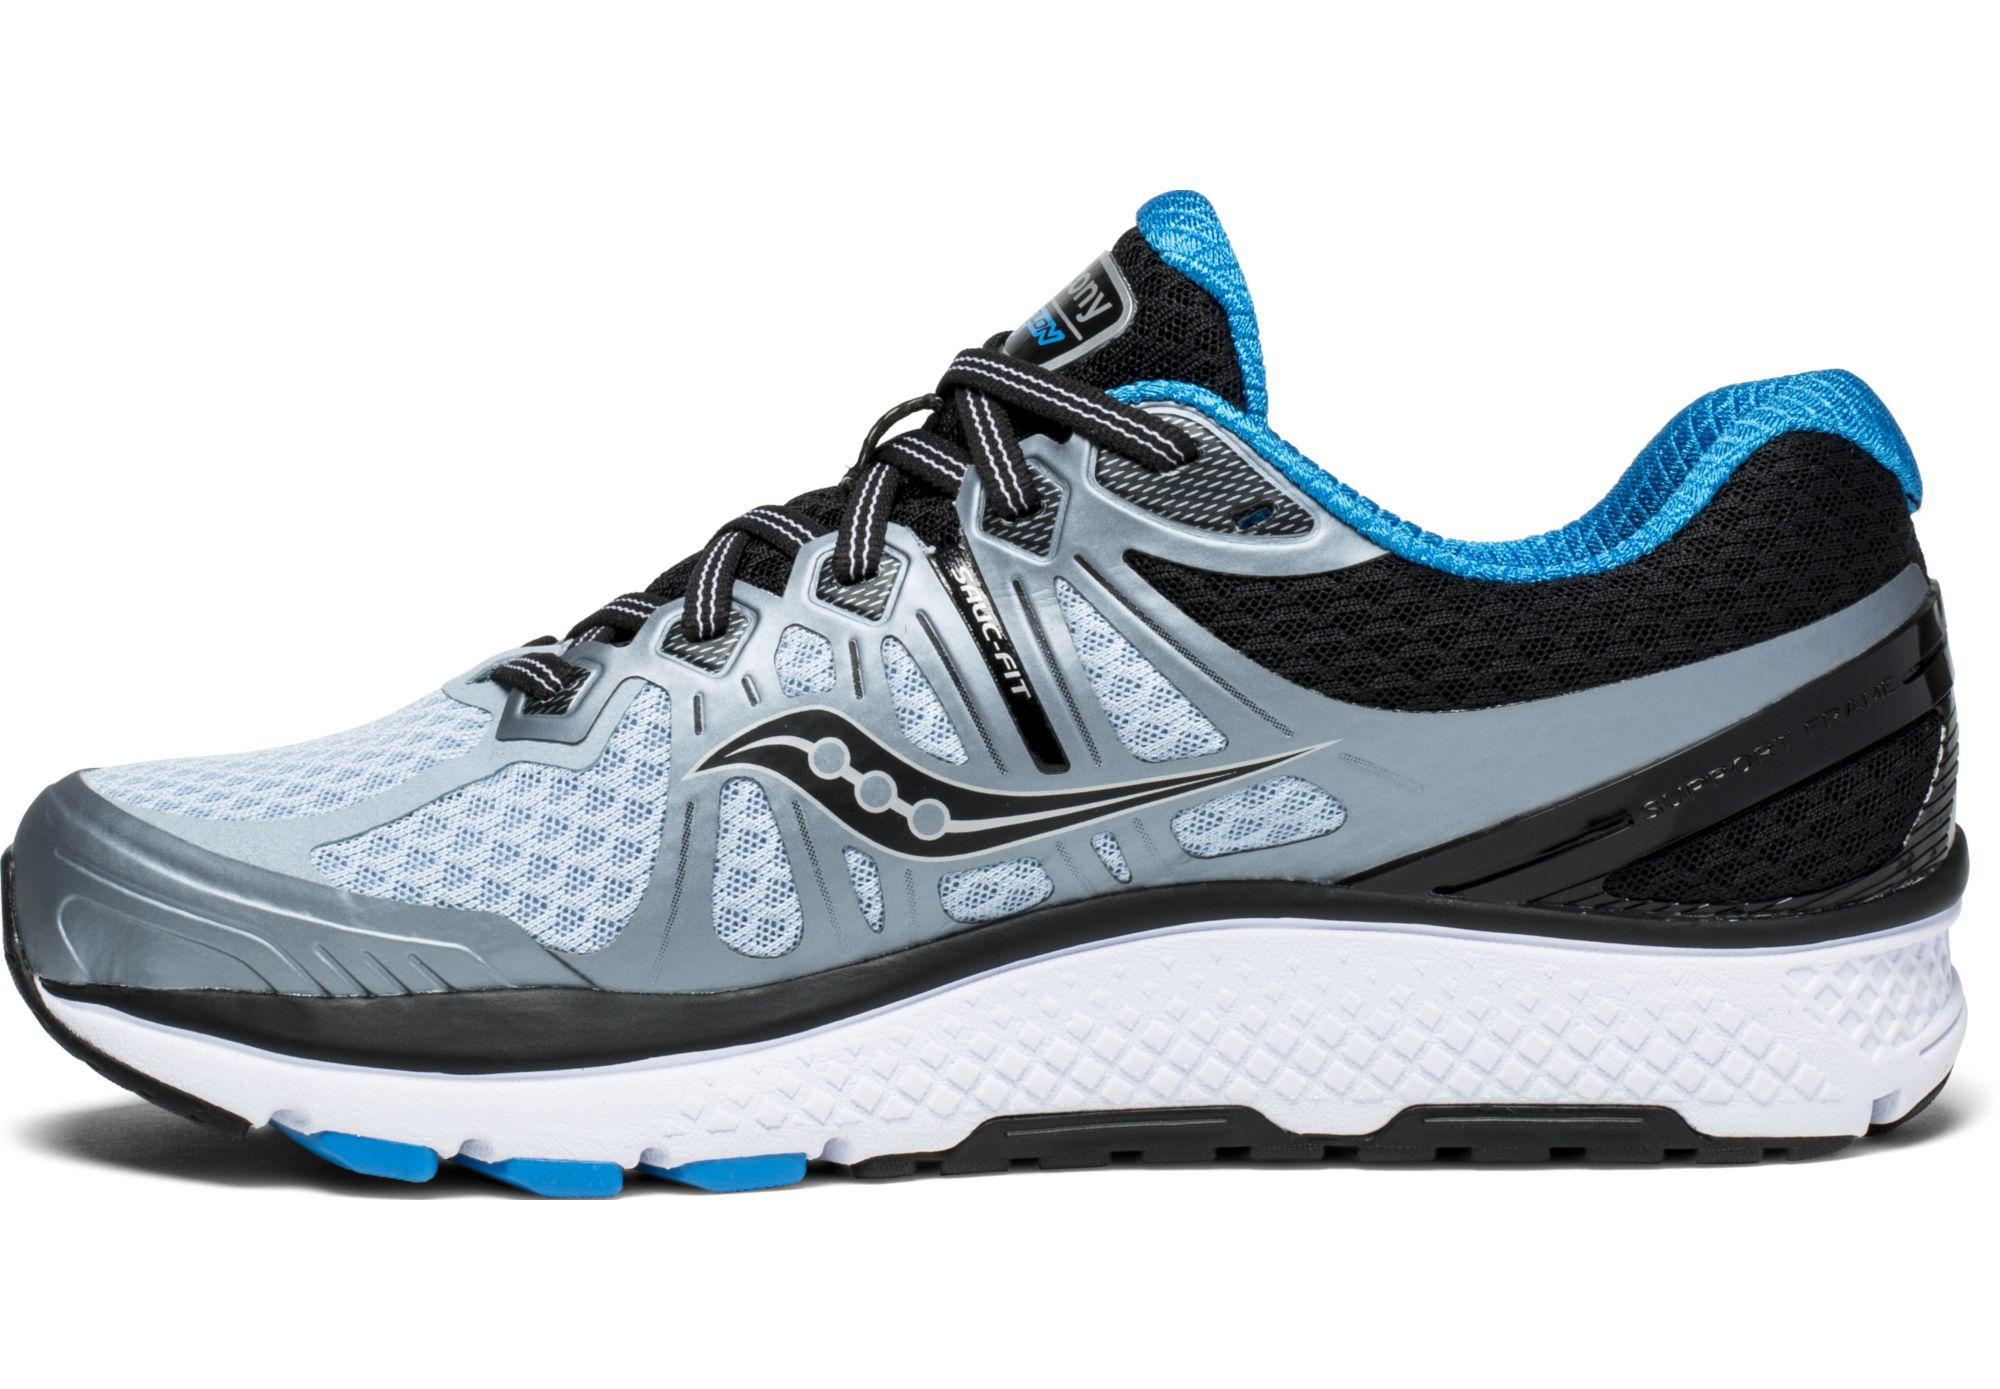 size 40 39b63 589a4 SAUCONY Echelon 6 Running Shoes Light Blue/Black